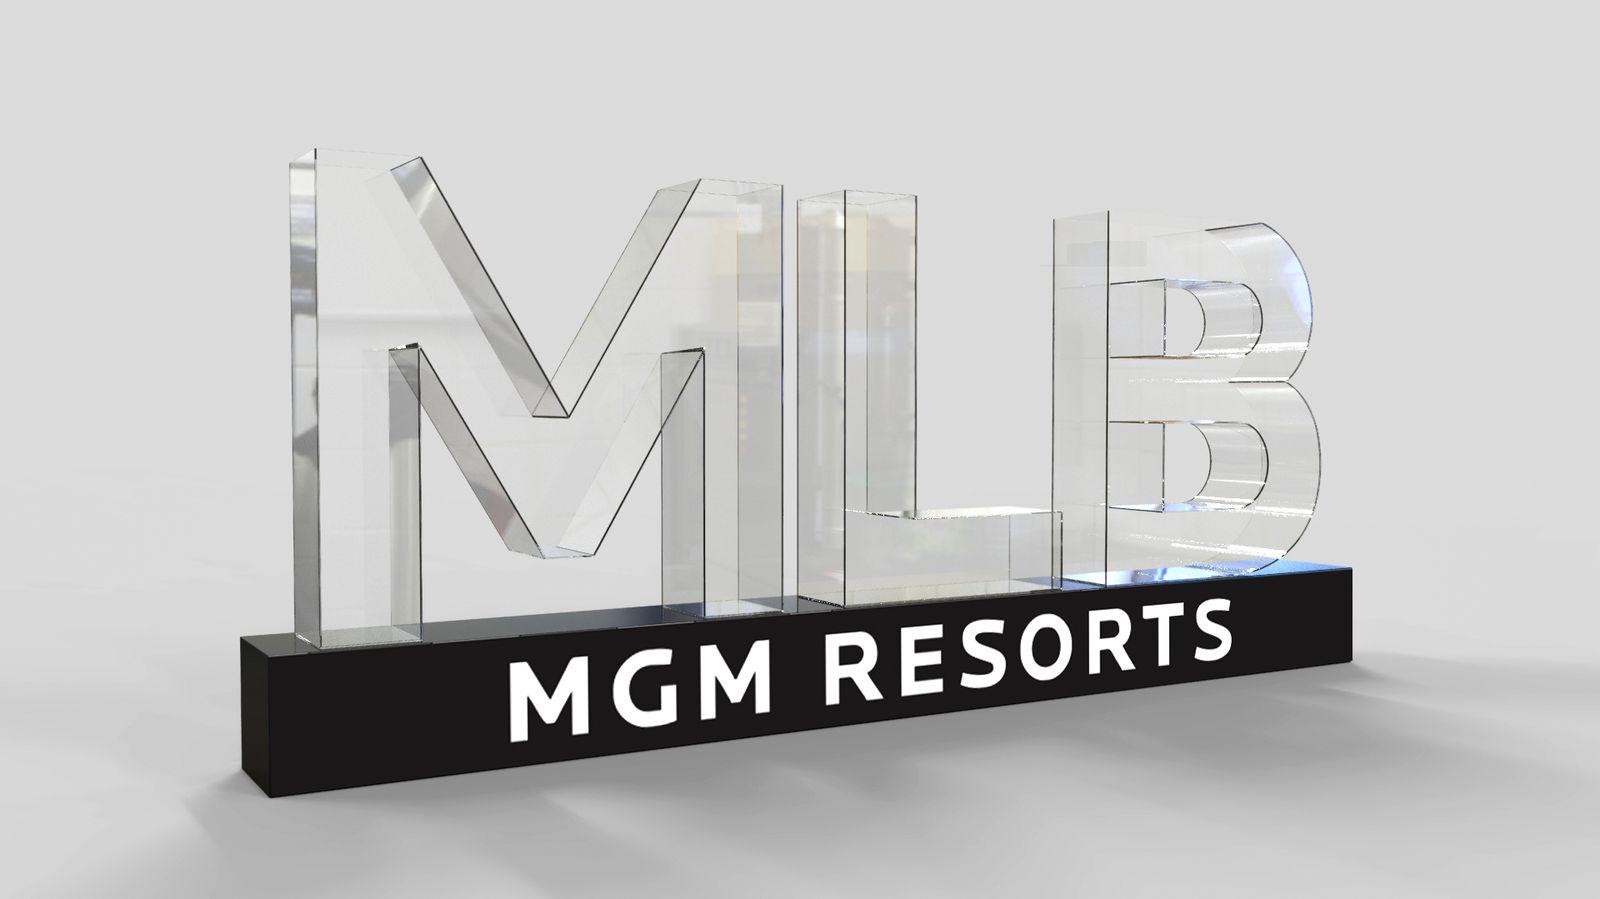 3d letters 3d rendering